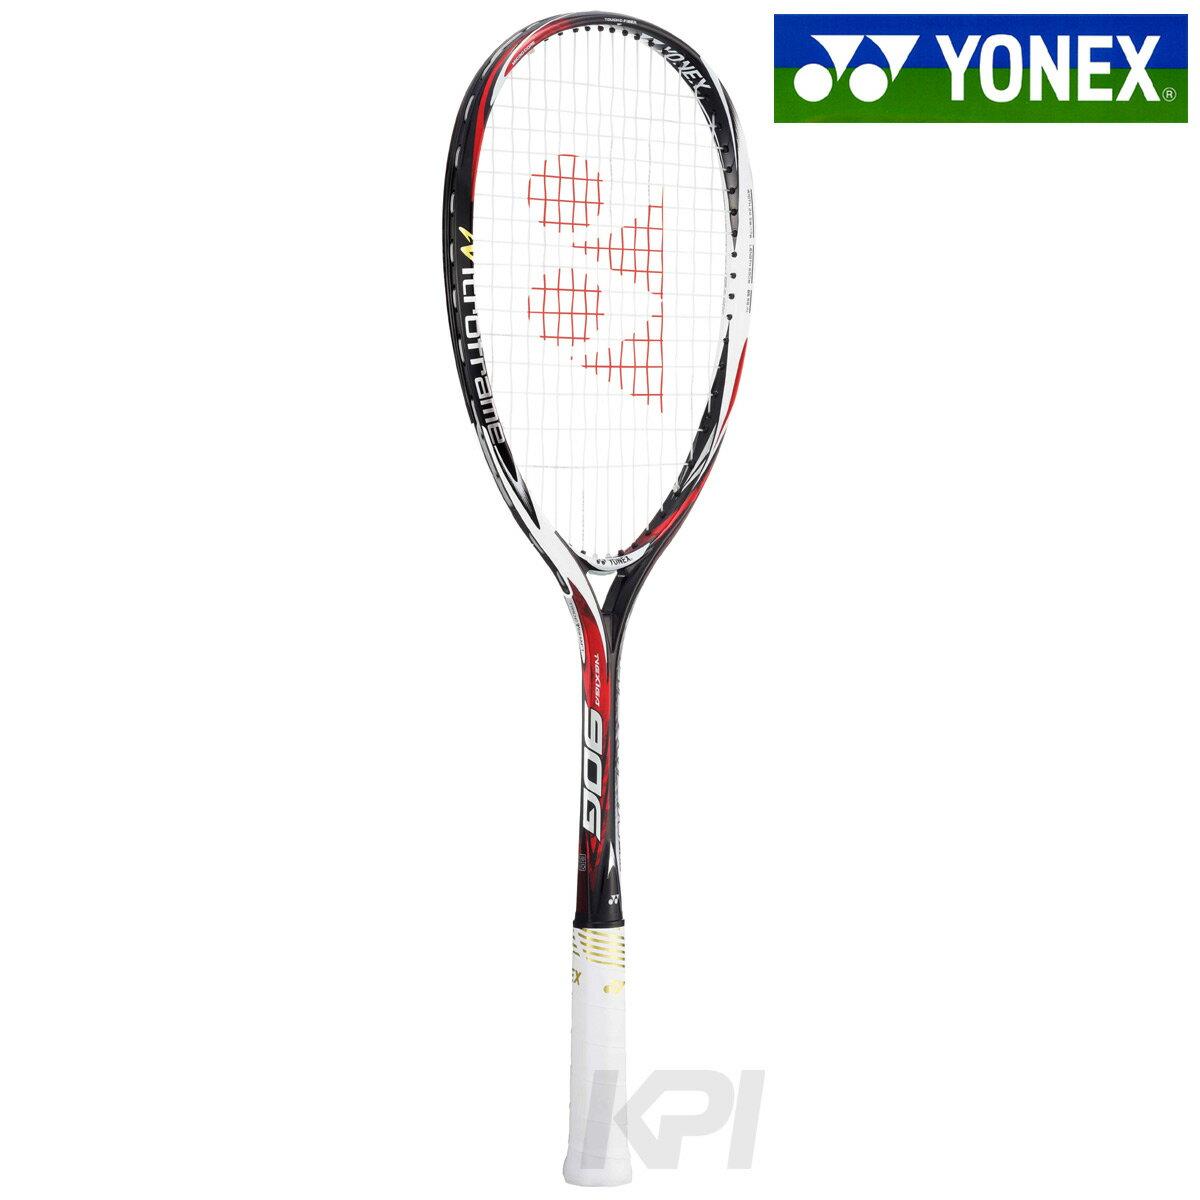 「新デザイン」「2017新製品」YONEX(ヨネックス)「NEXIGA 90G(ネクシーガ90G)ジャパンレッド NXG90G-364」ソフトテニスラケット